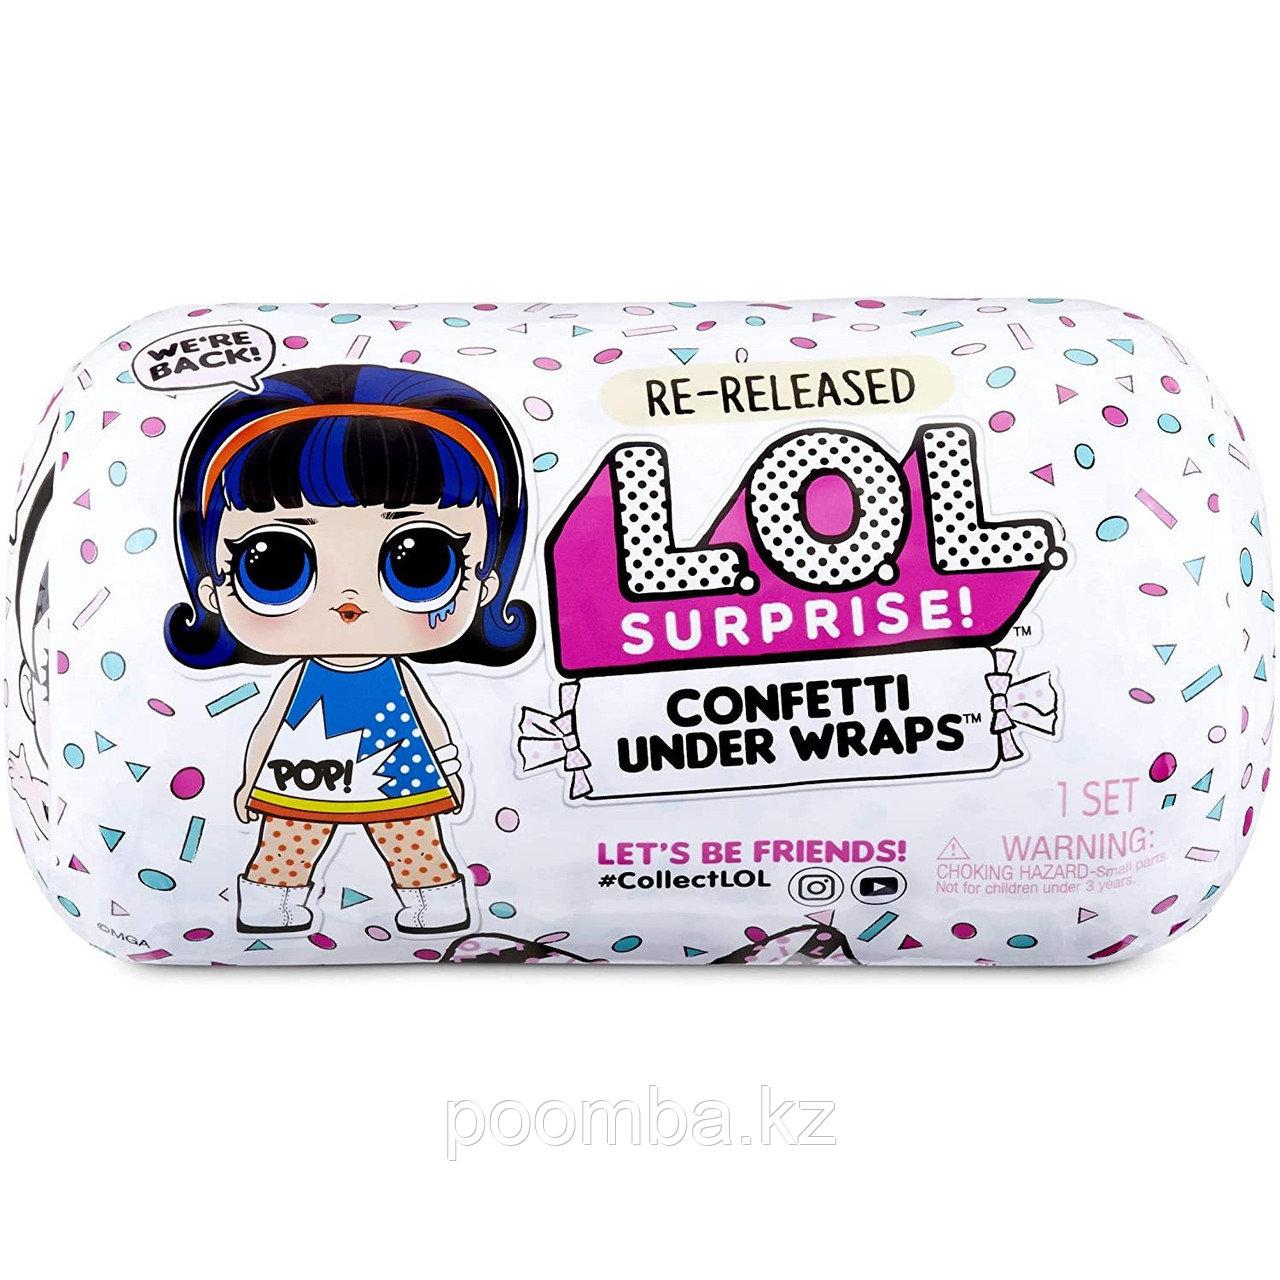 L.O.L. Surprise Кукла ЛОЛ Куколка Confetti капсула (Оригинал) - Кукла LOL - фото 2